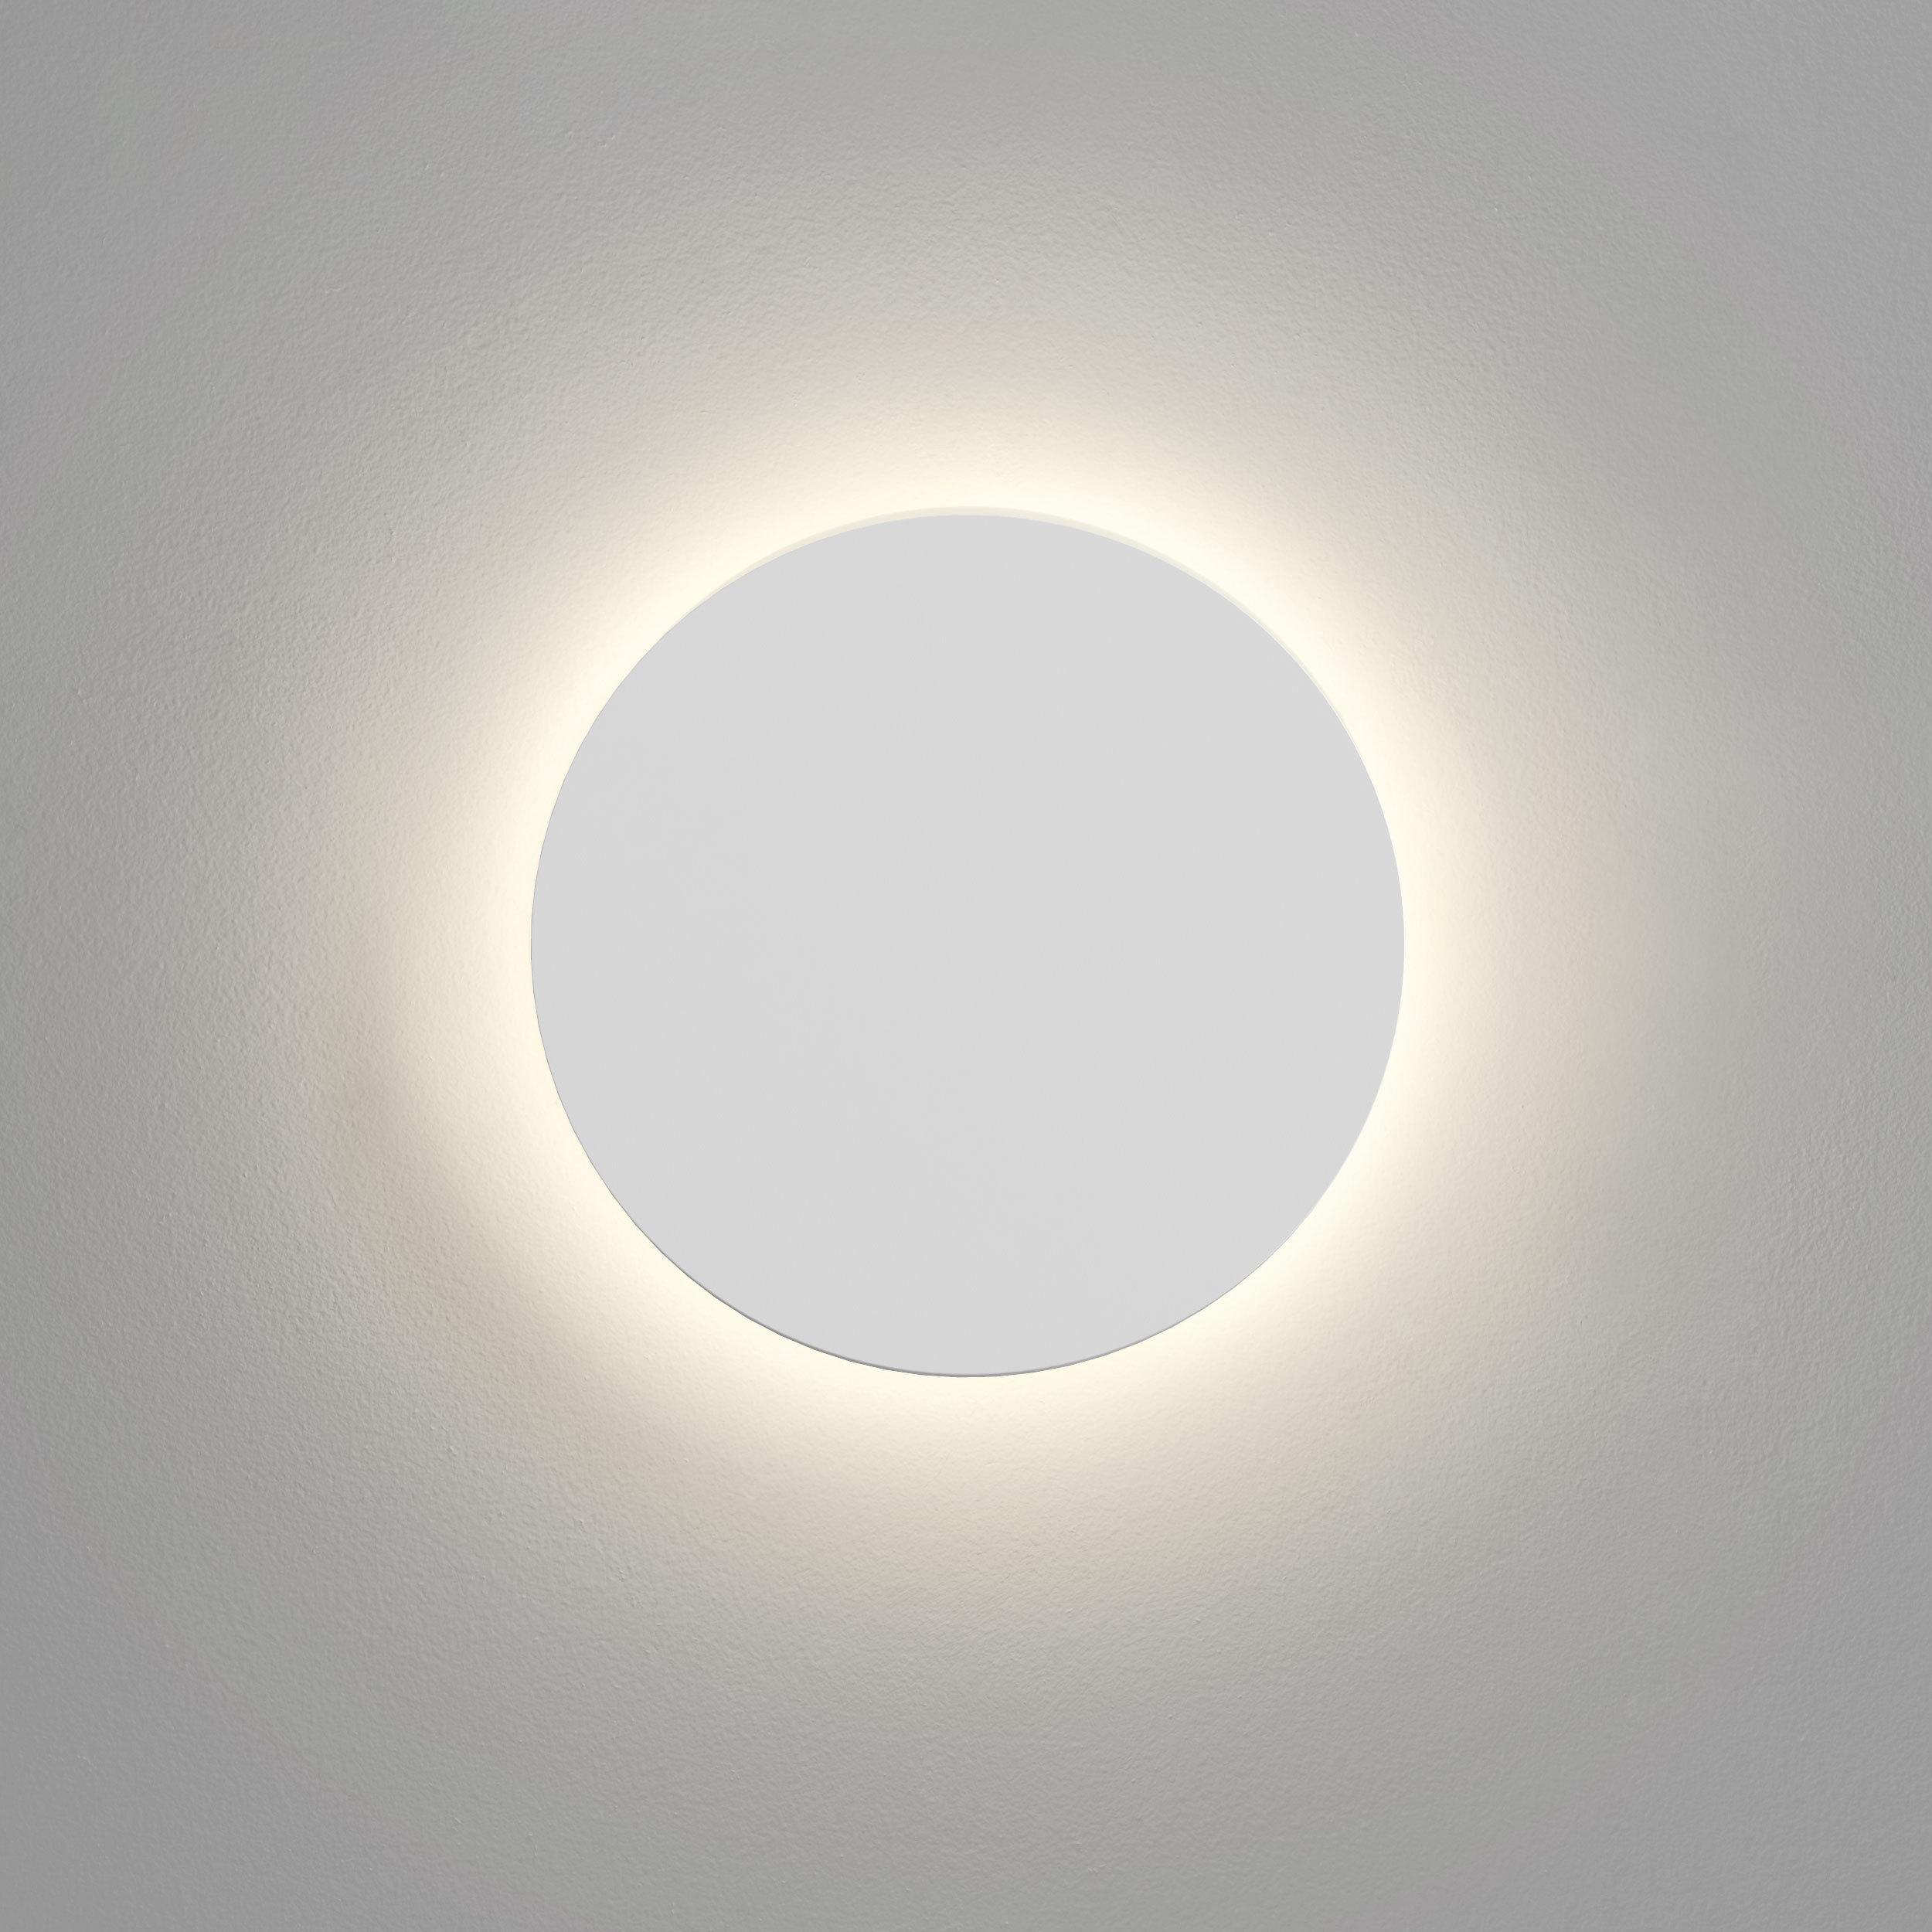 Настенный светодиодный светильник Astro Eclipse 1333005 (7611), LED 8,1W 2700K 357.43lm CRI60, белый, под покраску, гипс - фото 3